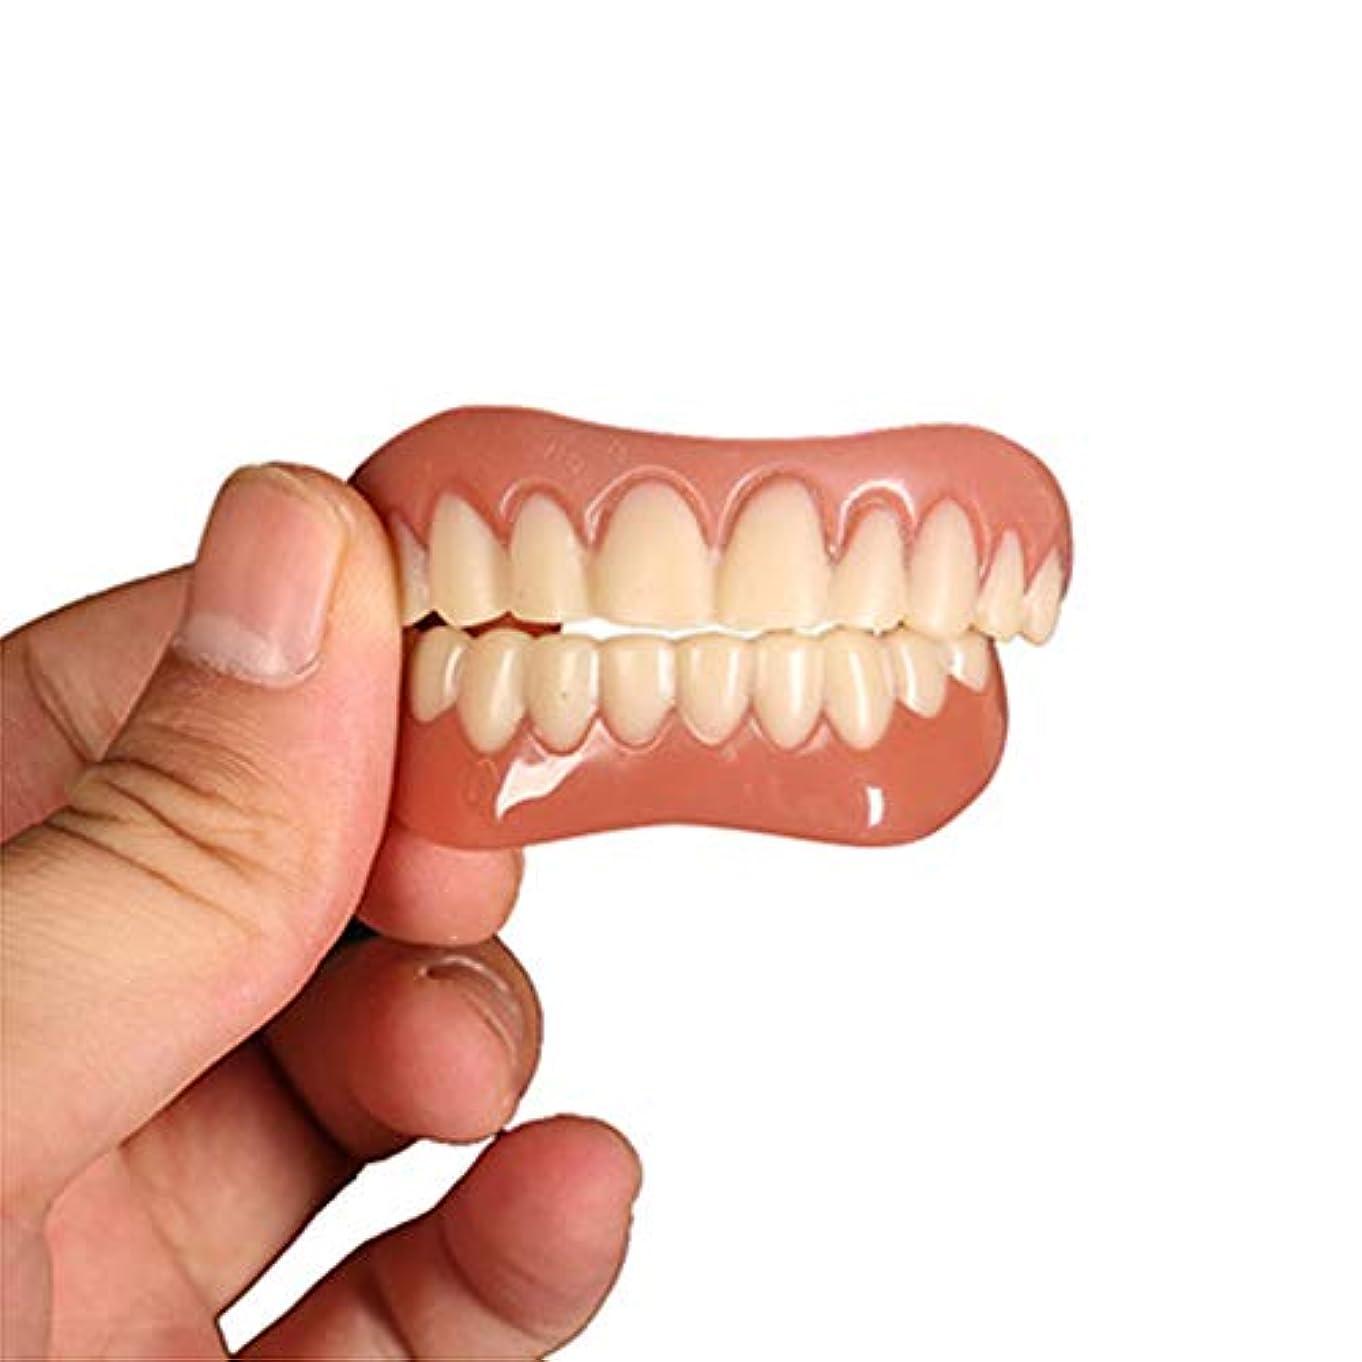 冒険最適いいね8セット、化粧品の歯、白い歯をきれいにするための快適さにフィットするフレックス歯のソケット、化粧品の歯義歯の歯のトップ化粧品、